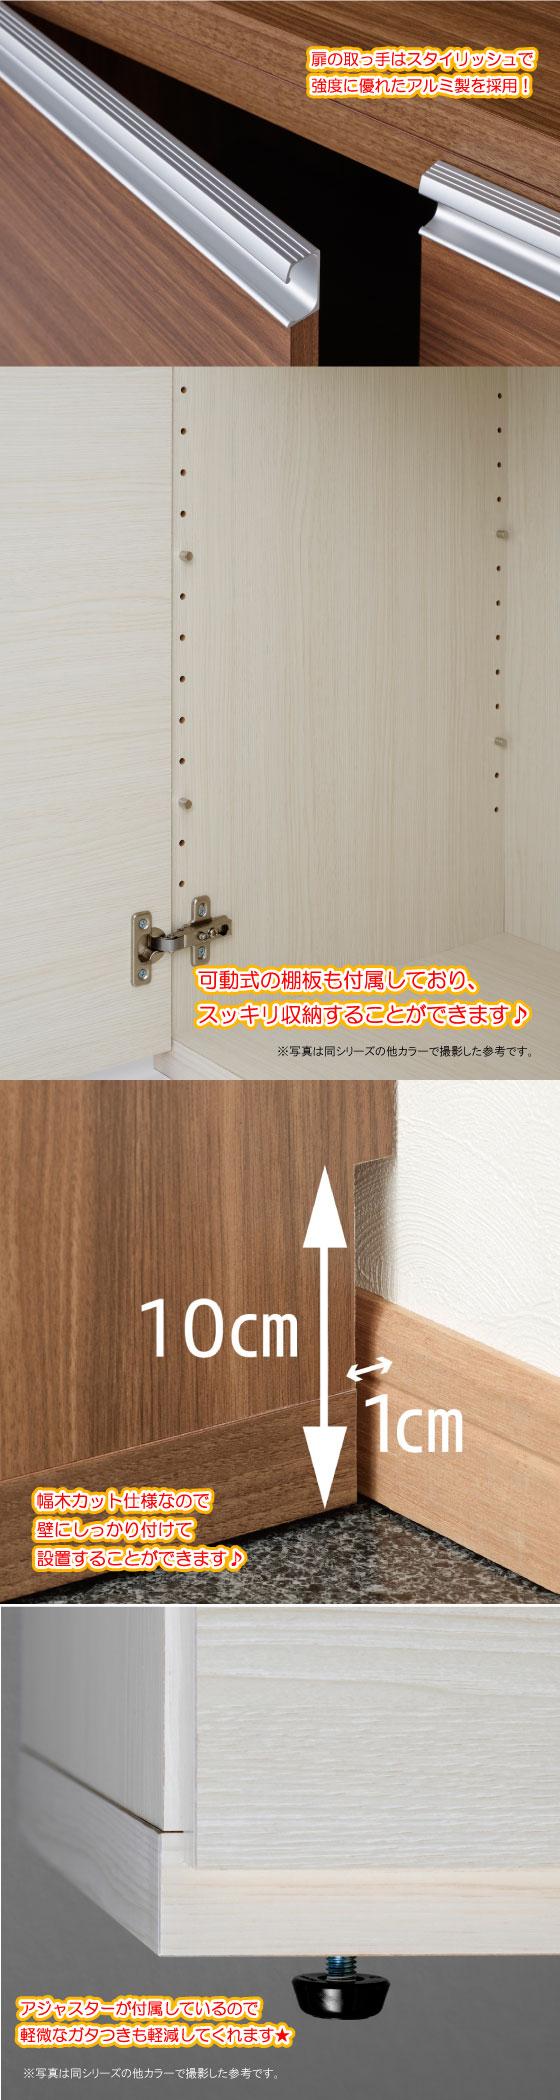 幅90cm×高さ192cm・ウォールナット柄キャビネット(完成品)